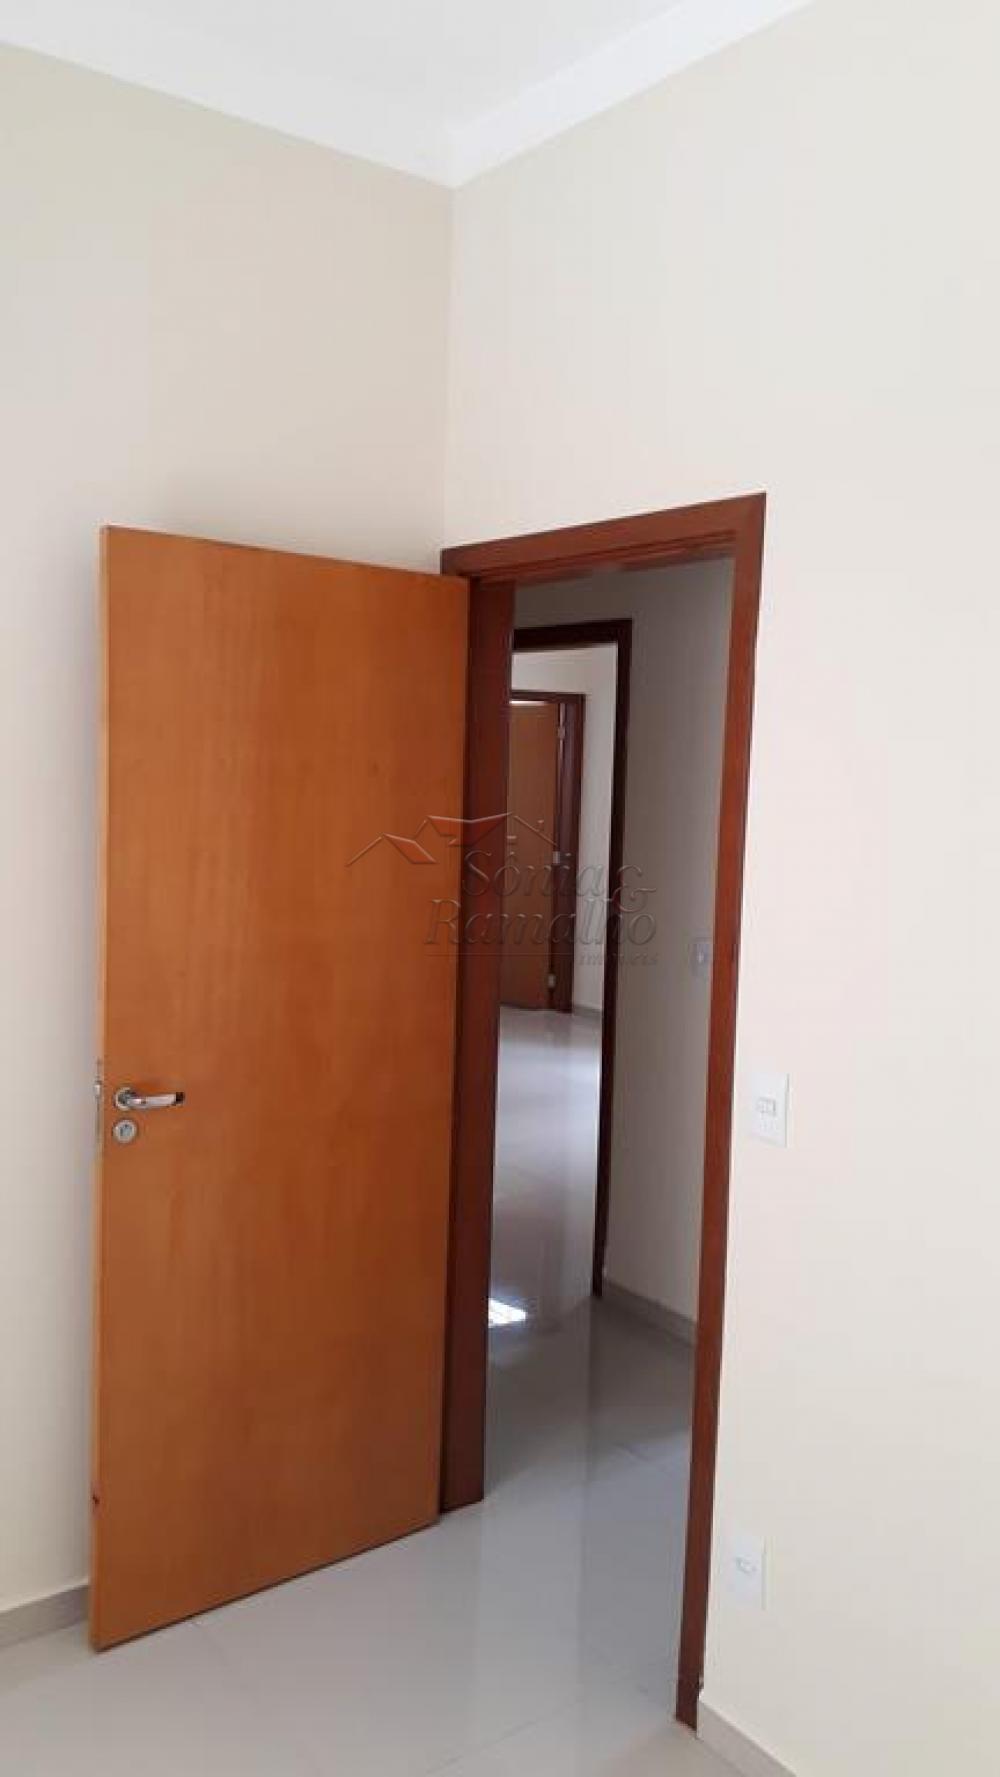 Alugar Casas / Padrão em Ribeirão Preto apenas R$ 3.300,00 - Foto 10